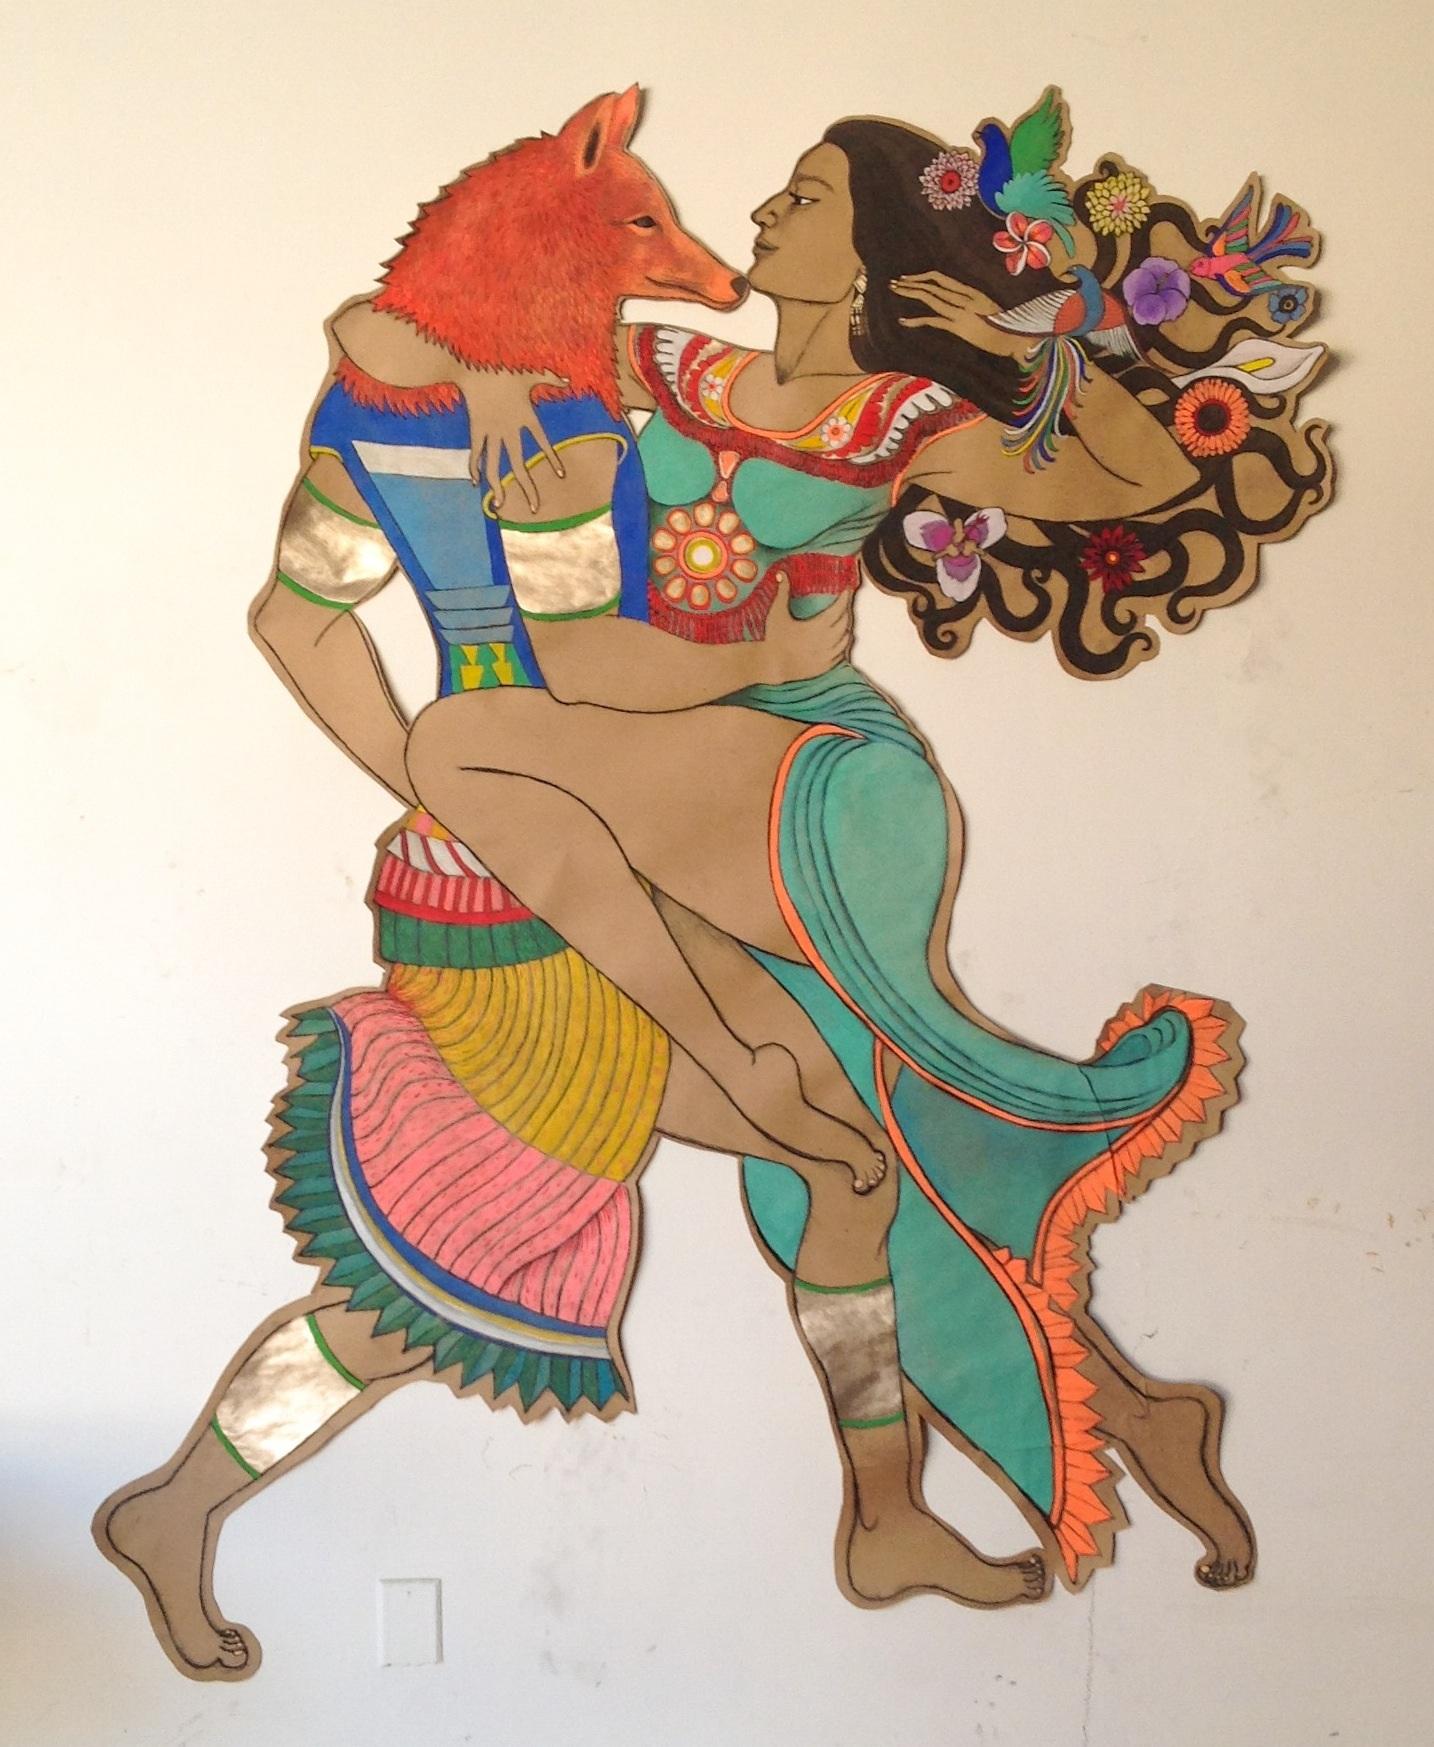 Huehuecoyotl y Xochiquetzal, Mexico City, 2014